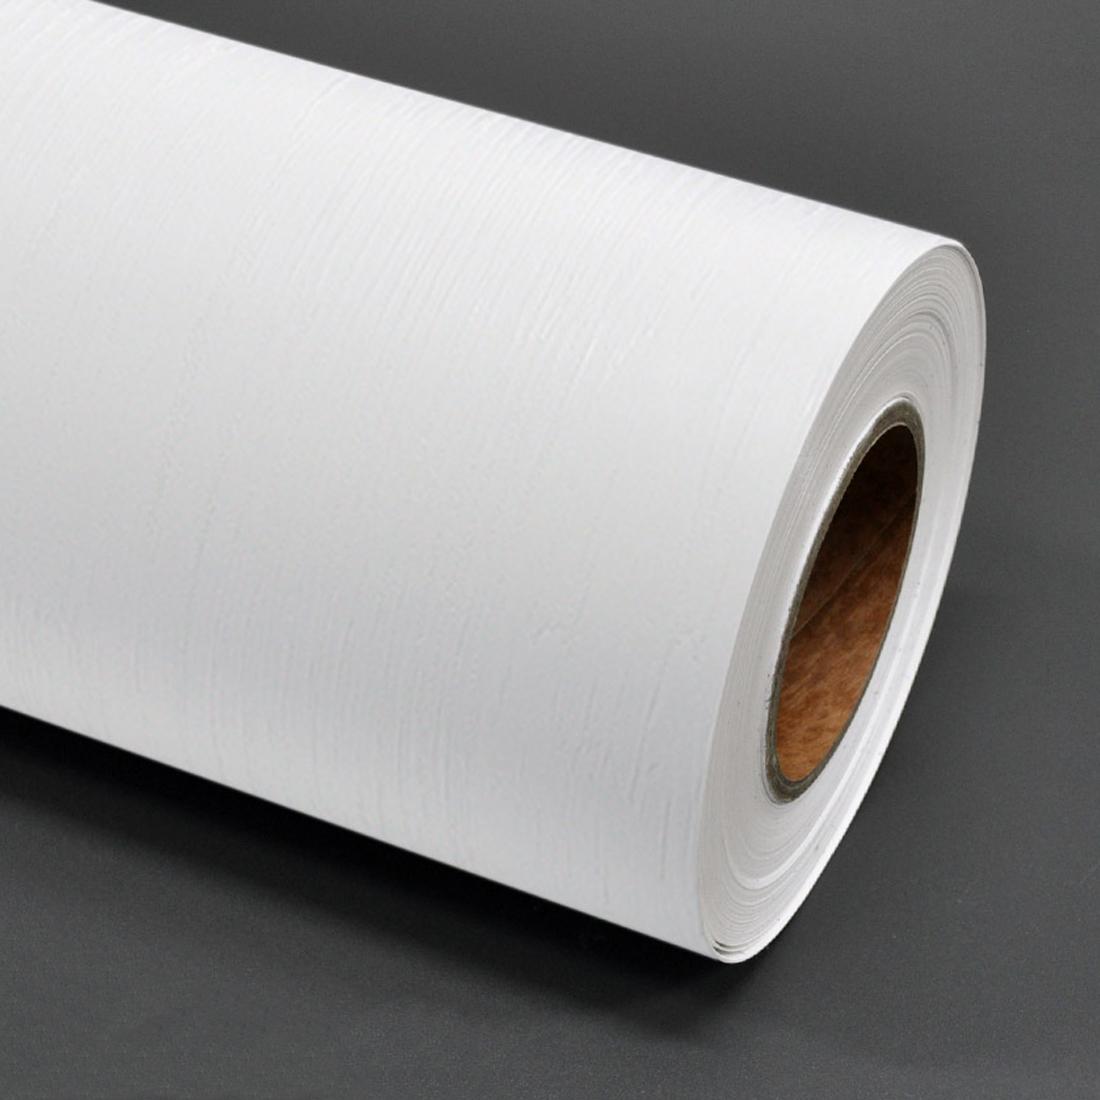 데코리아 현대인테리어필름 에어프리 생활방수 접착식 단색컬러시트지필름, SL554 화이트우드